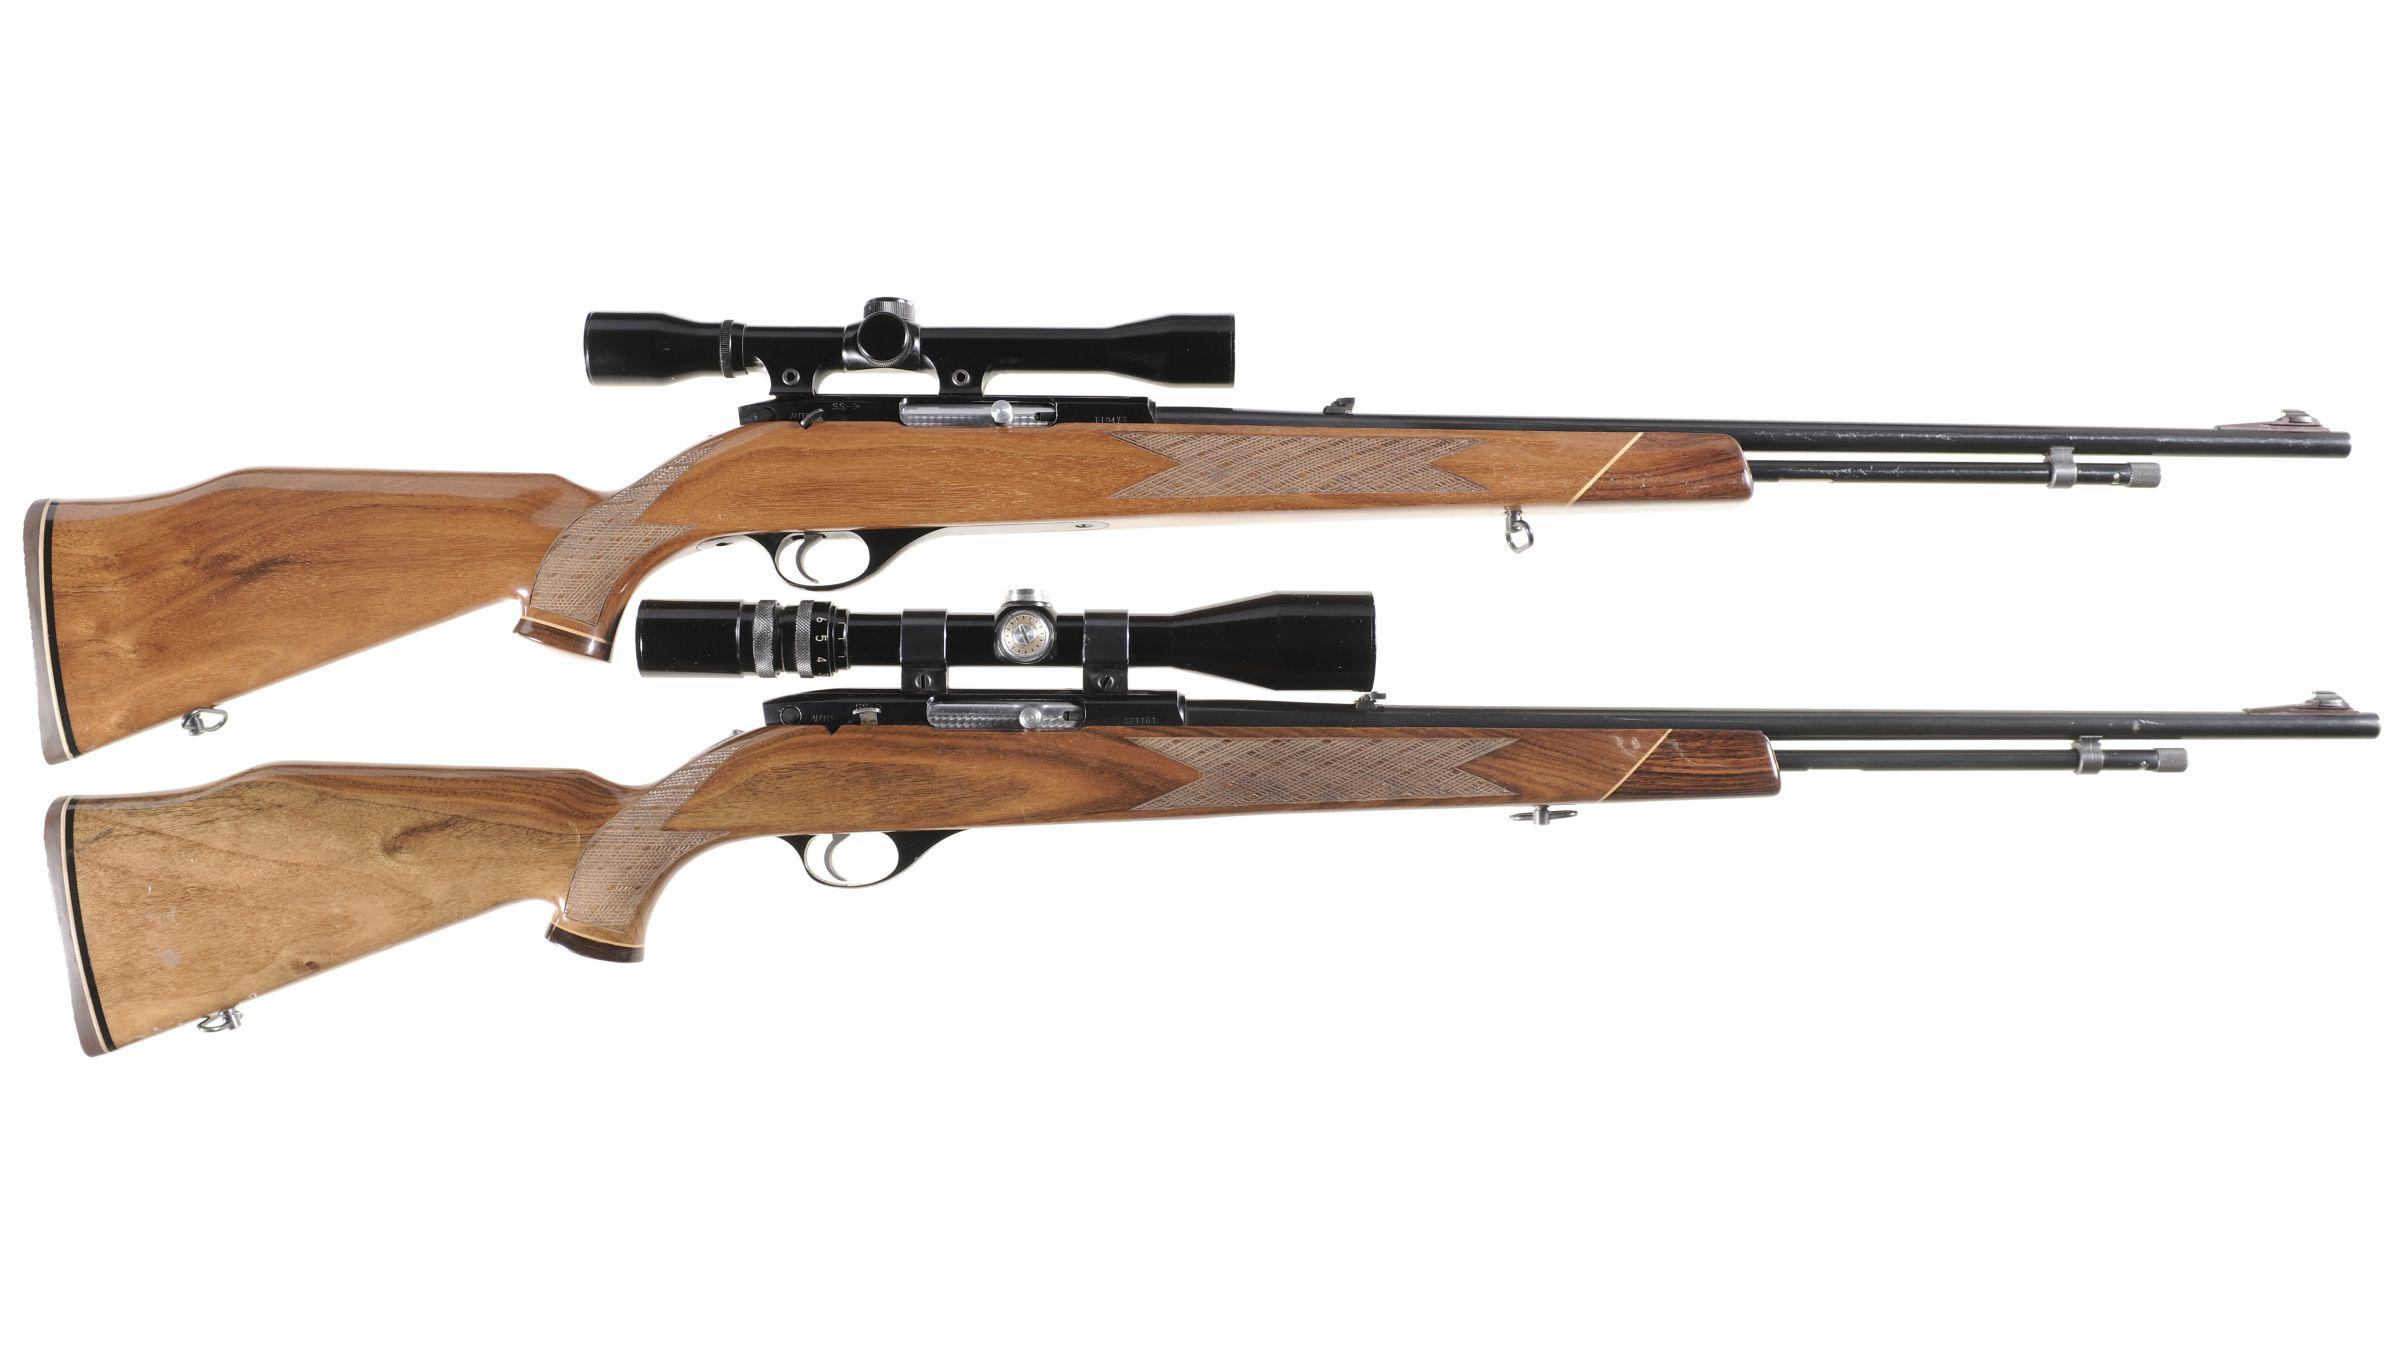 Two Weatherby Mark XXII Semi-Automatic Rifles w/ Scopes